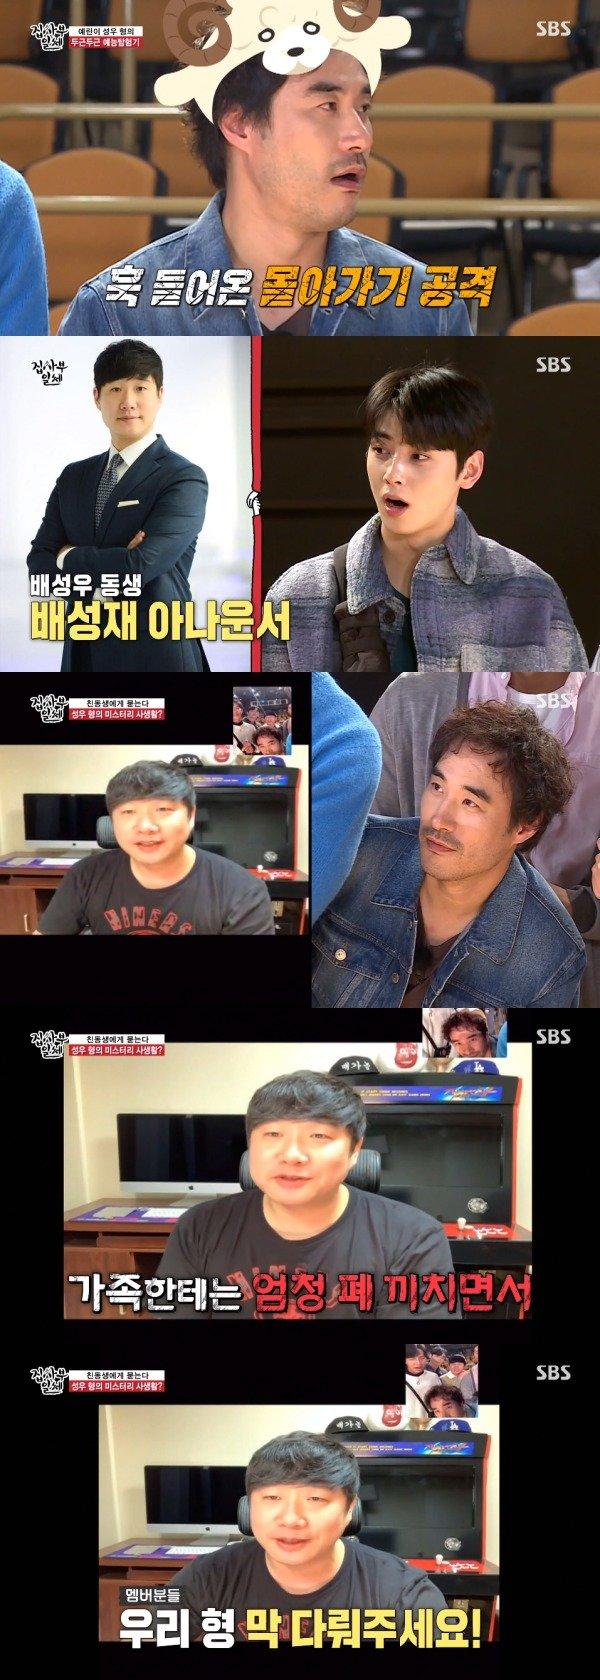 SBS '집사부일체' 방송 화면 캡처 © 뉴스1